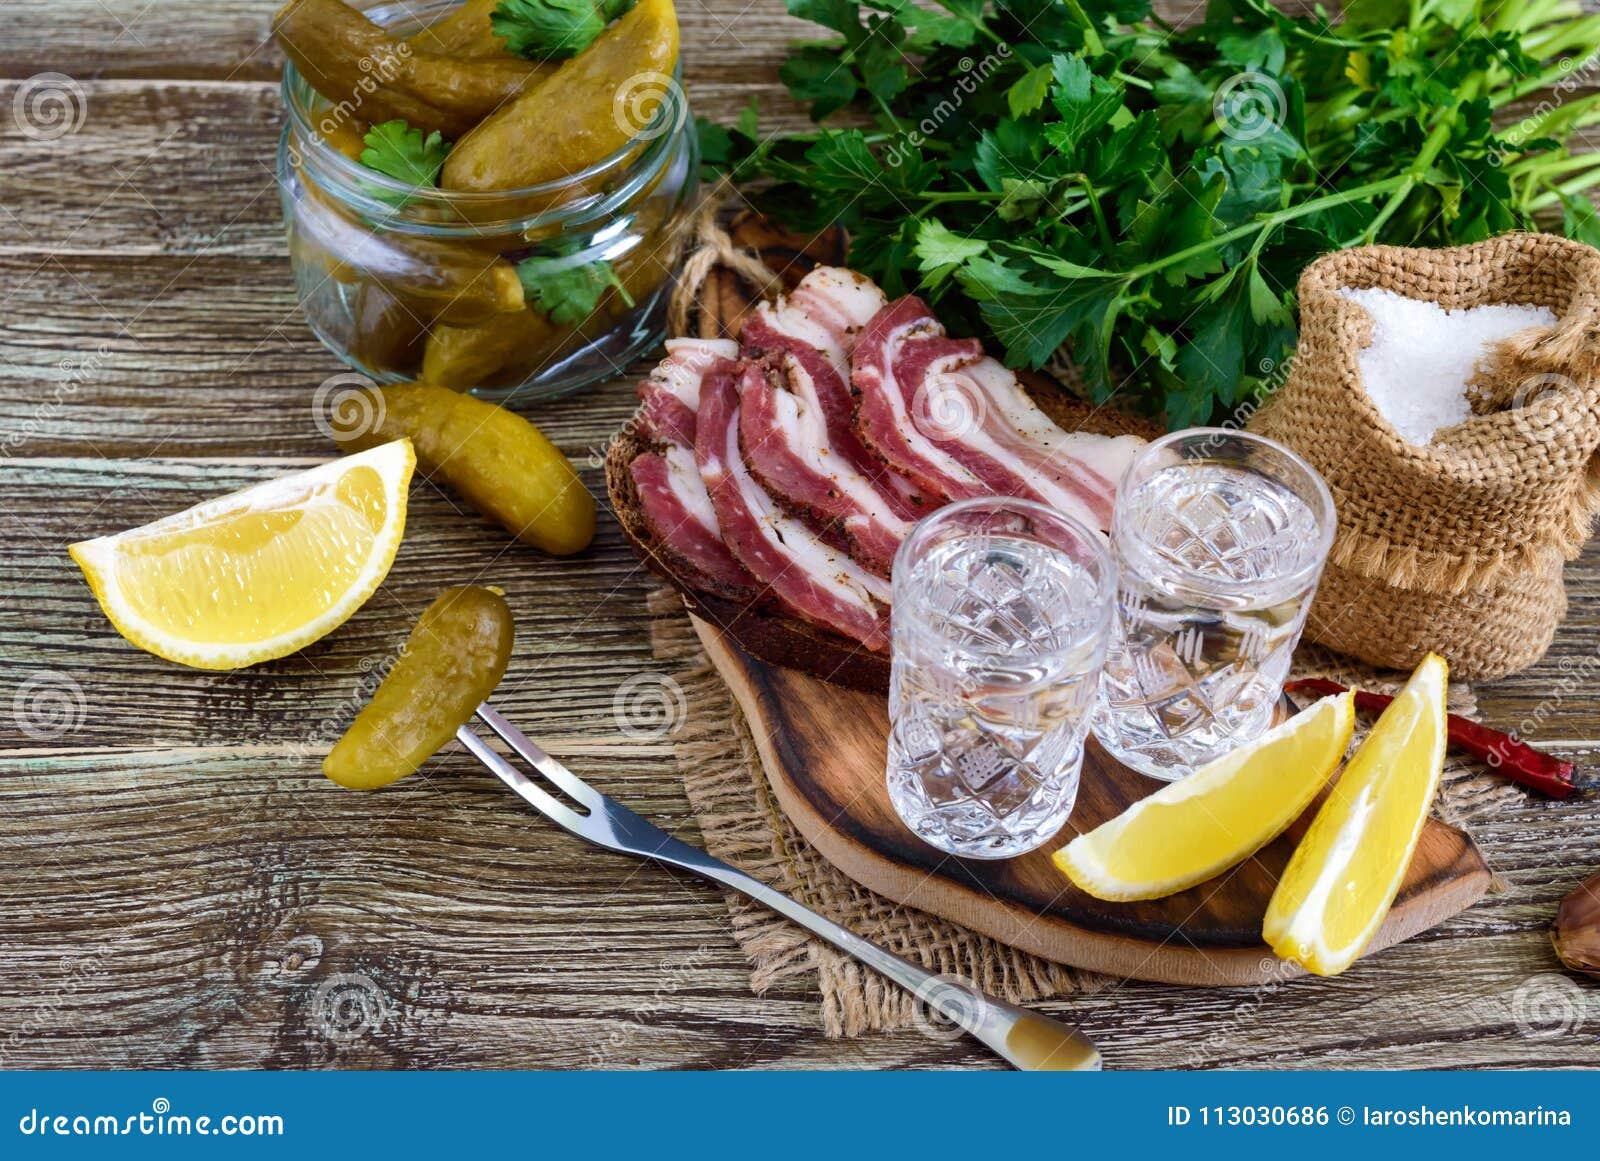 Dos vasos de medida de vodka con el limón cortan, conservaron en vinagre los pepinos y el pan de centeno con tocino salado en el